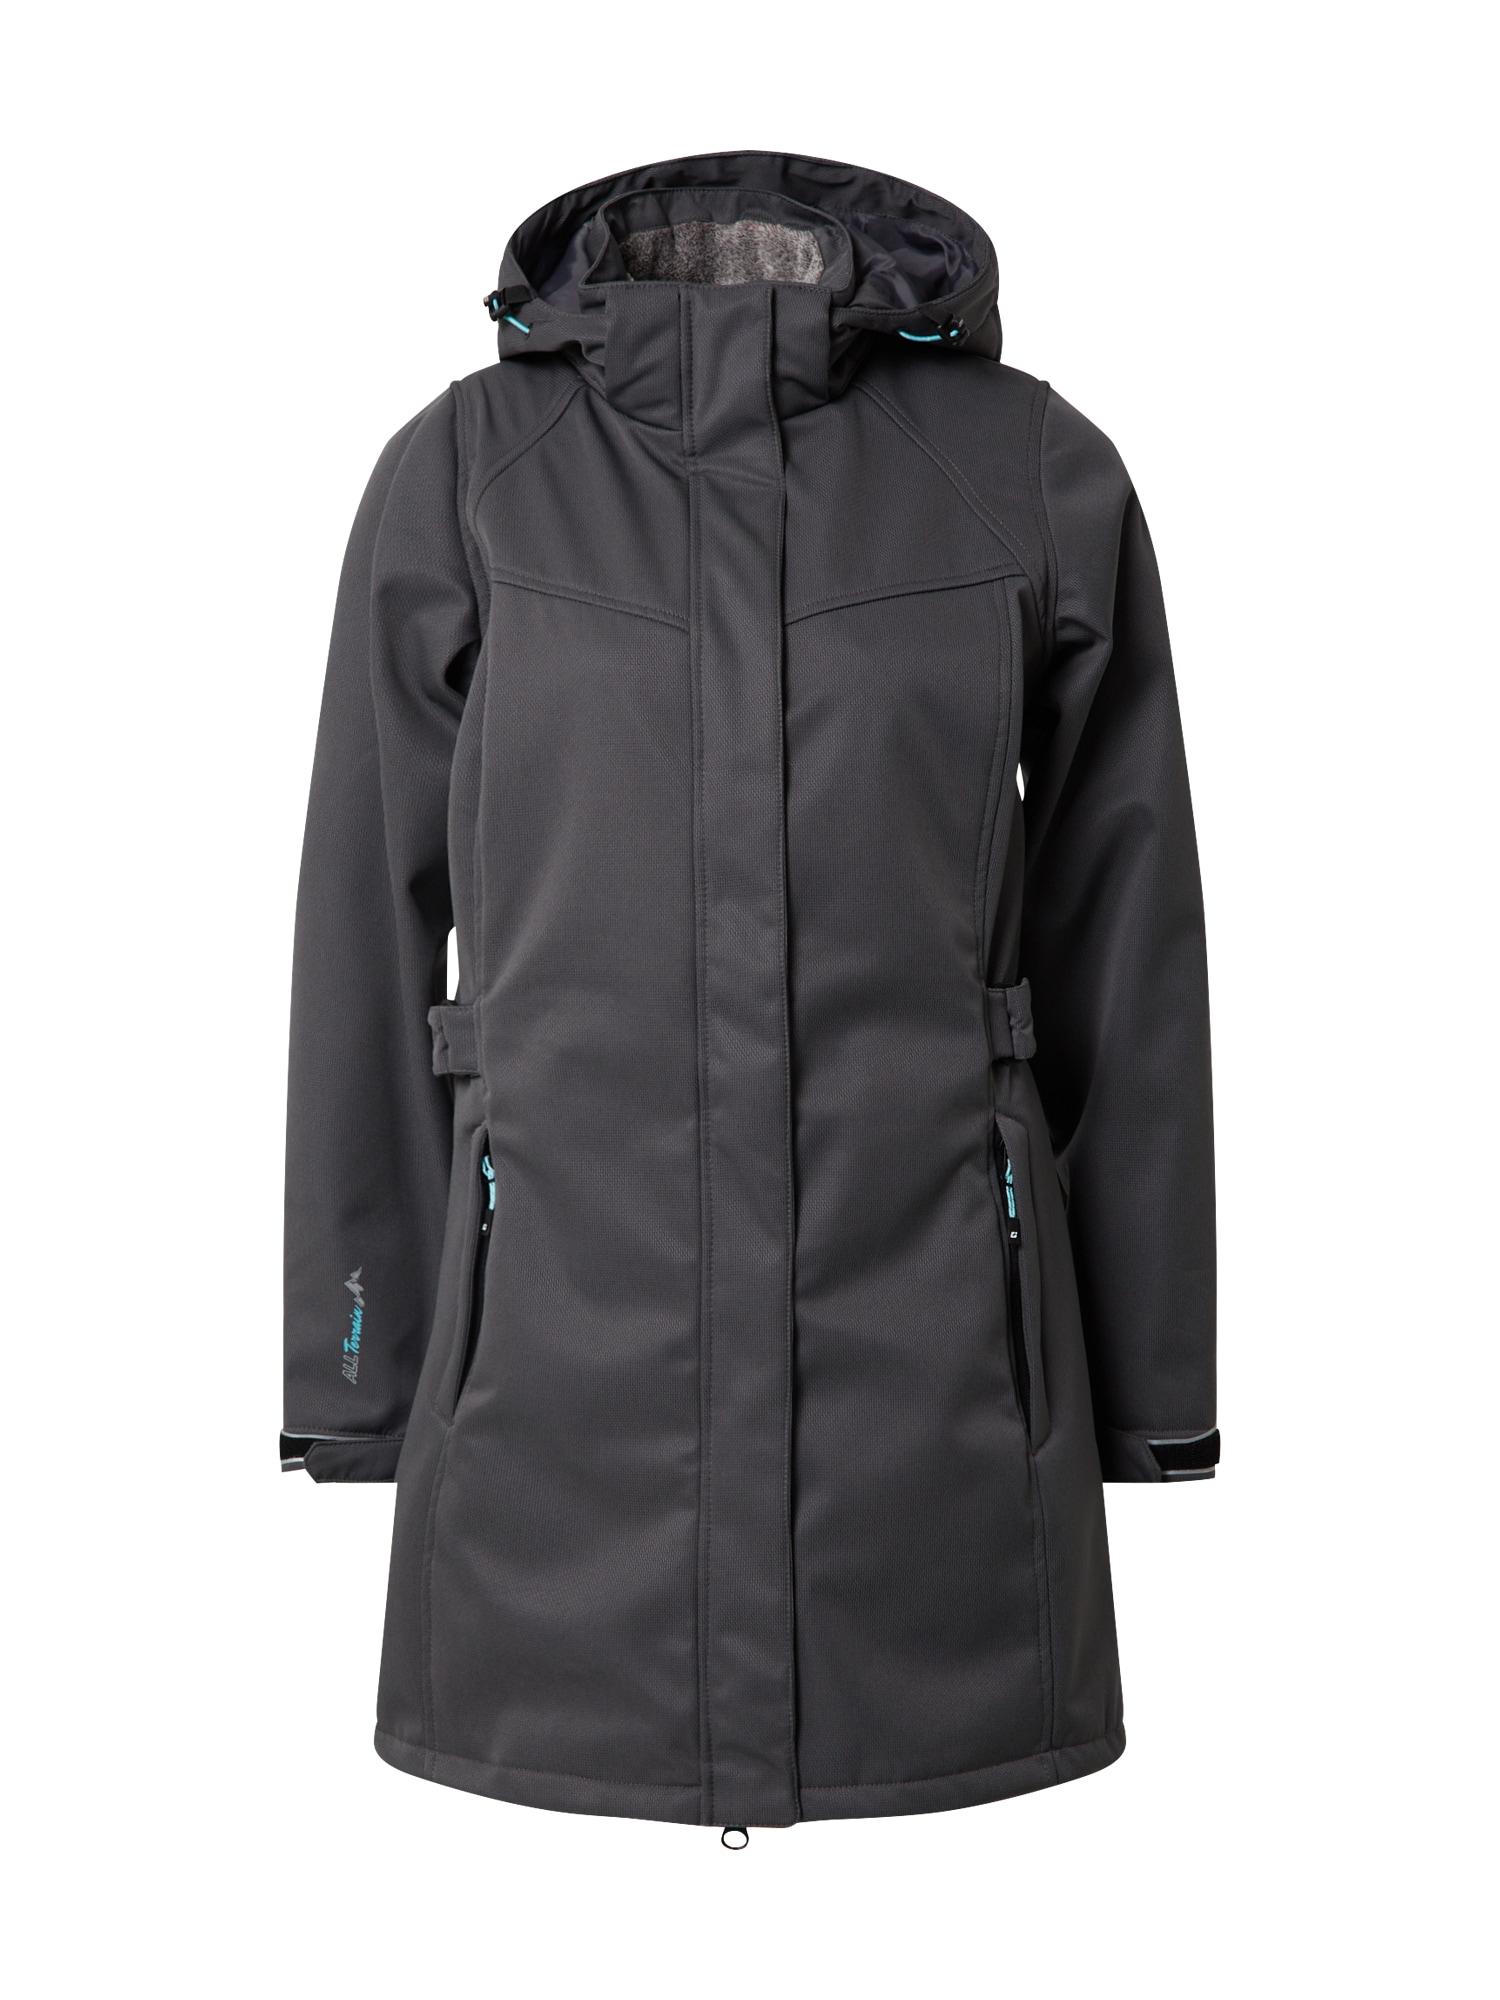 KILLTEC Outdoorový kabát 'Närke'  antracitová